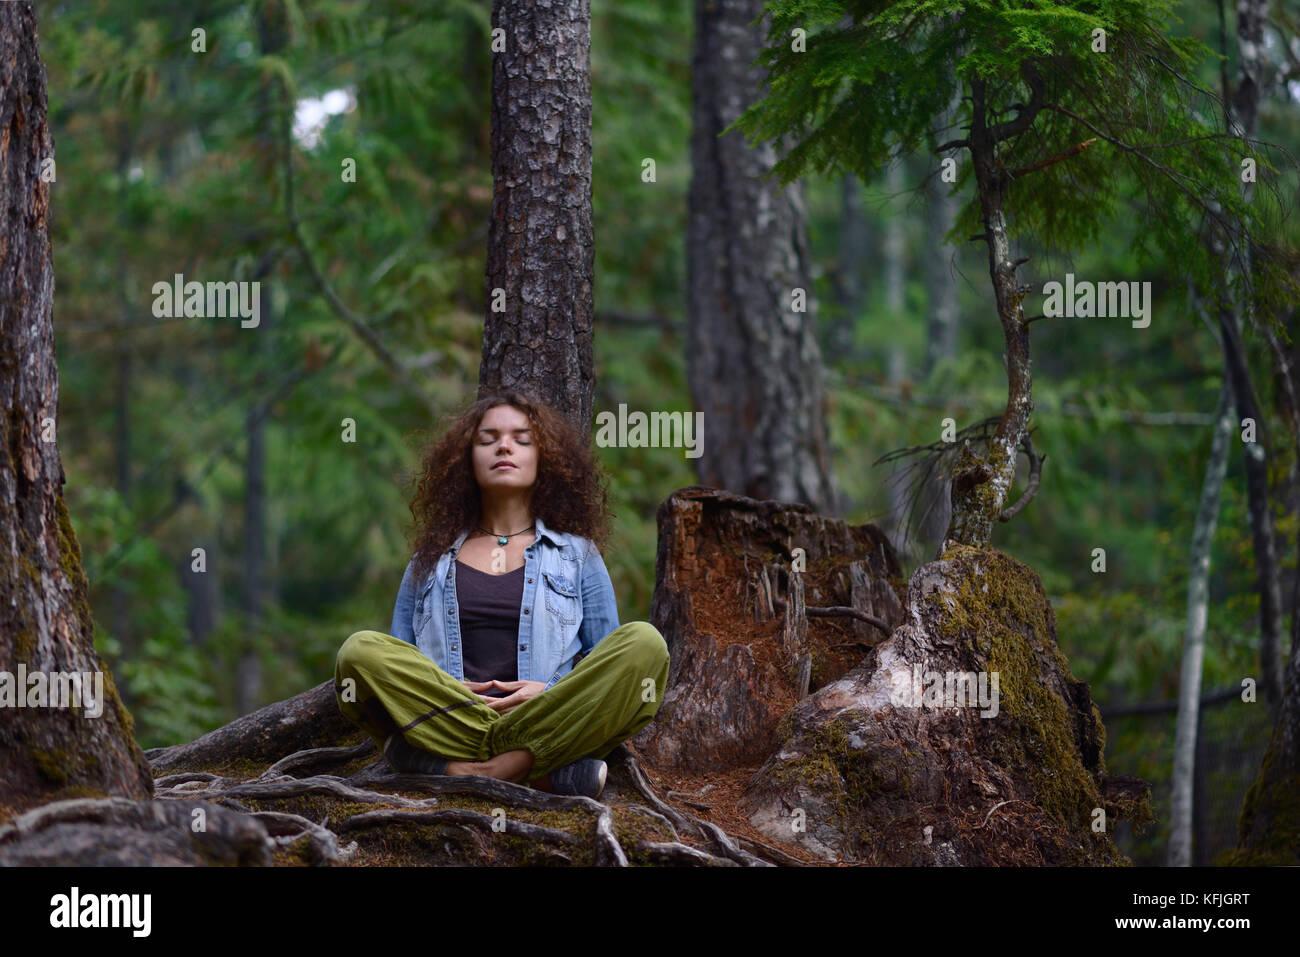 Jeune femme se reposant dans une forêt assis en méditation la posture appuyé contre un tronc d'arbre Photo Stock